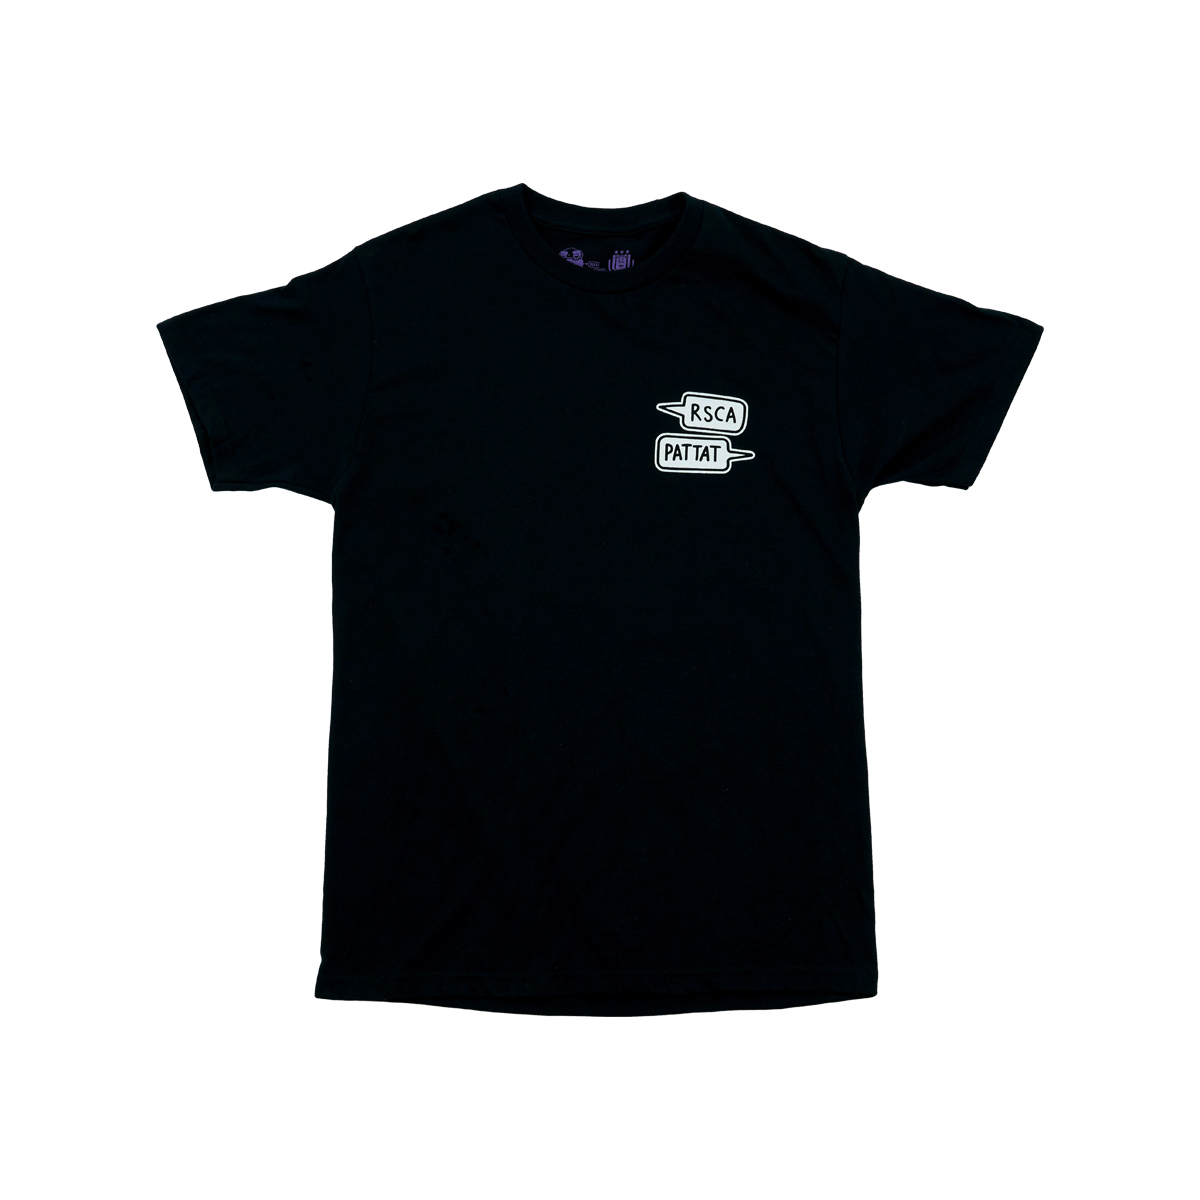 T-Shirt RSCA x Pattat - Zwart